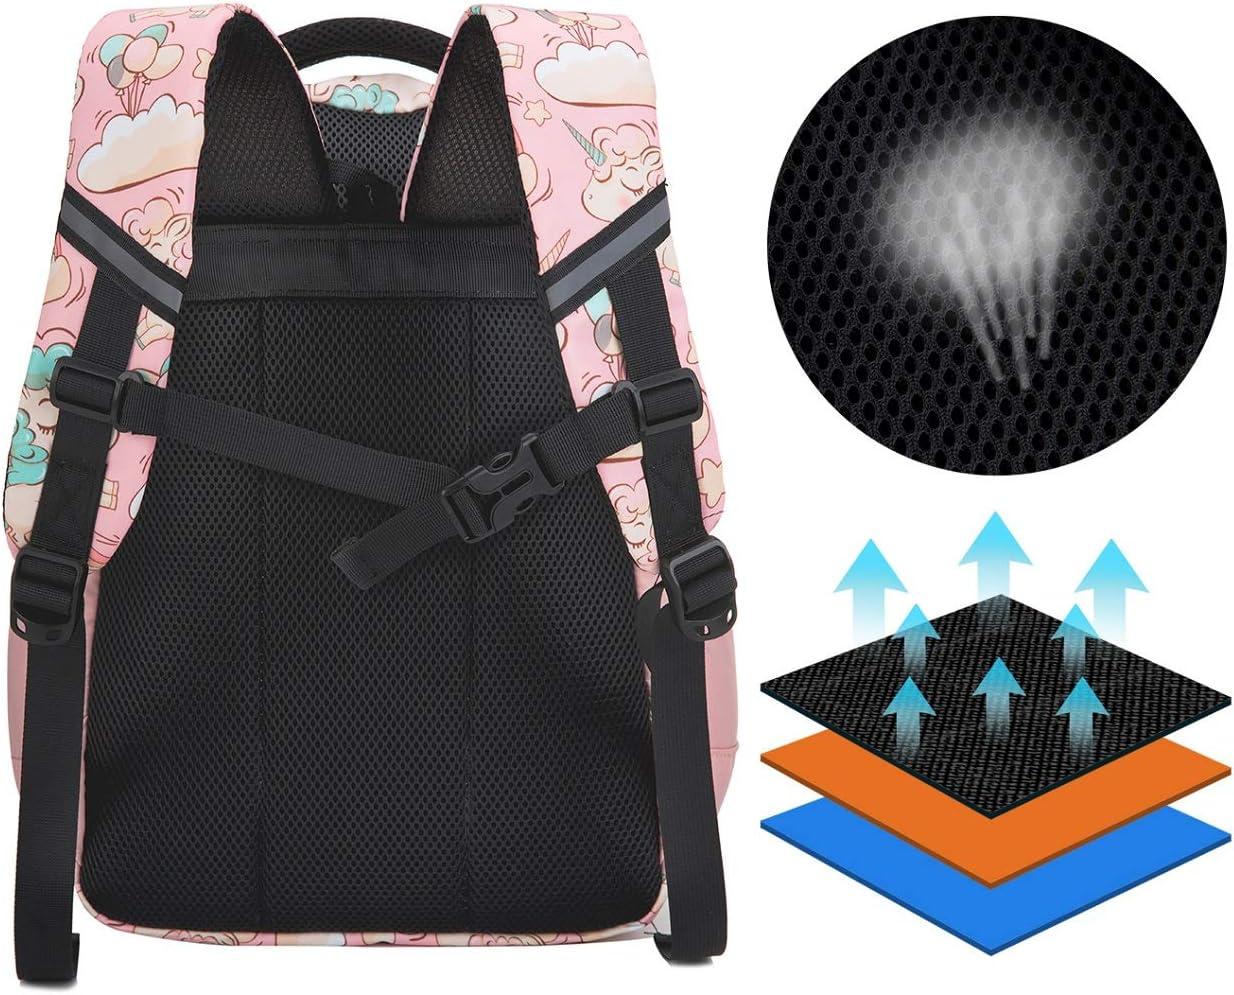 Unicorno Zaino Scuola Elementare Impermeabile Zaini Bambino Sacchetti di Scuola Per Ragazze leggero campeggio borse casual Daypacks per adolescenti studenti 3 pezzi Pink1